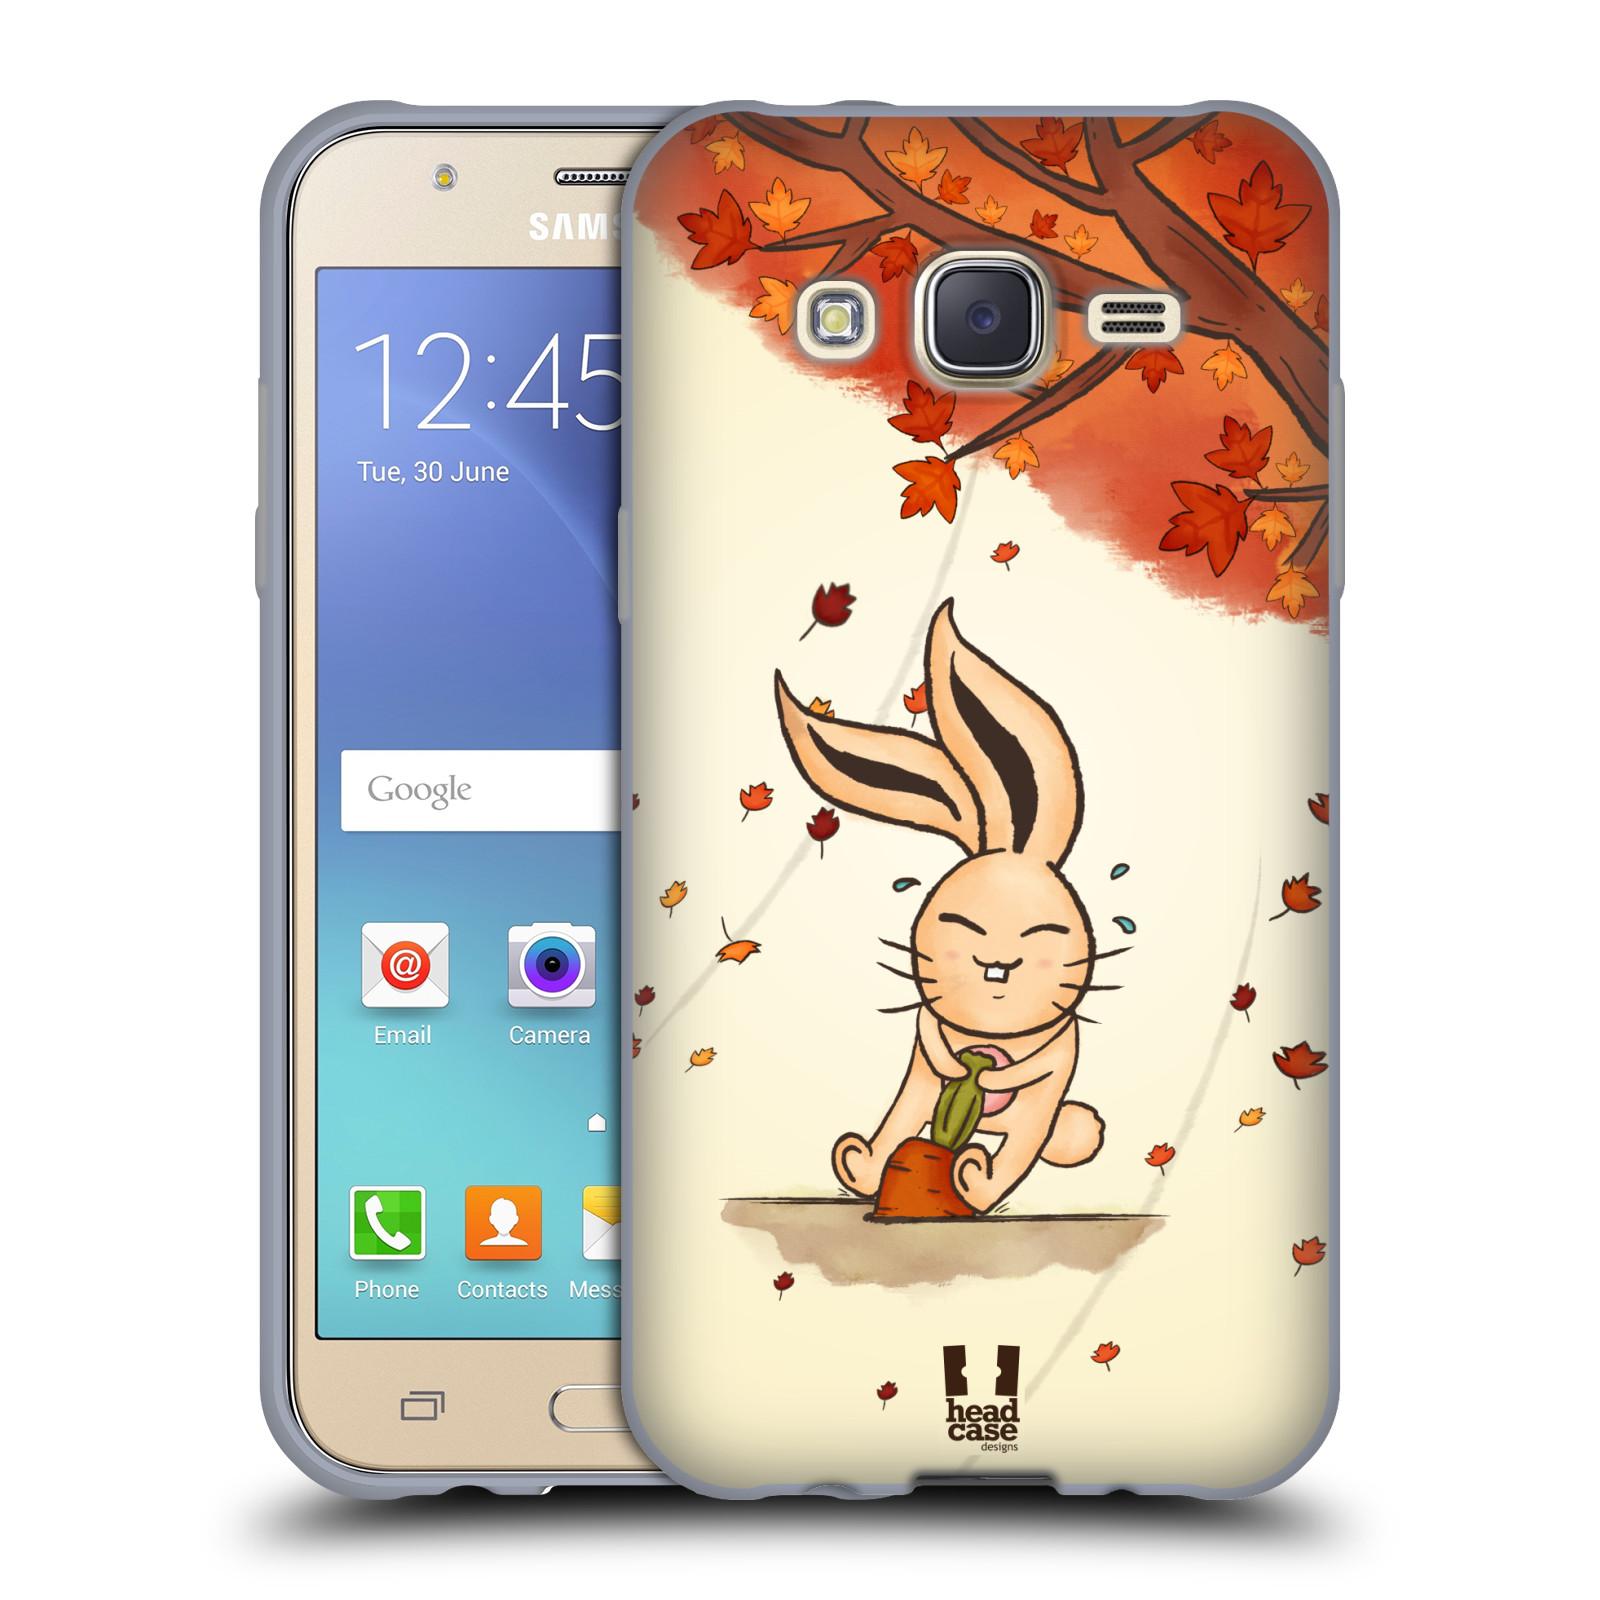 HEAD CASE silikonový obal na mobil Samsung Galaxy J5, J500, (J5 DUOS) vzor podzimní zvířátka zajíček a mrkev